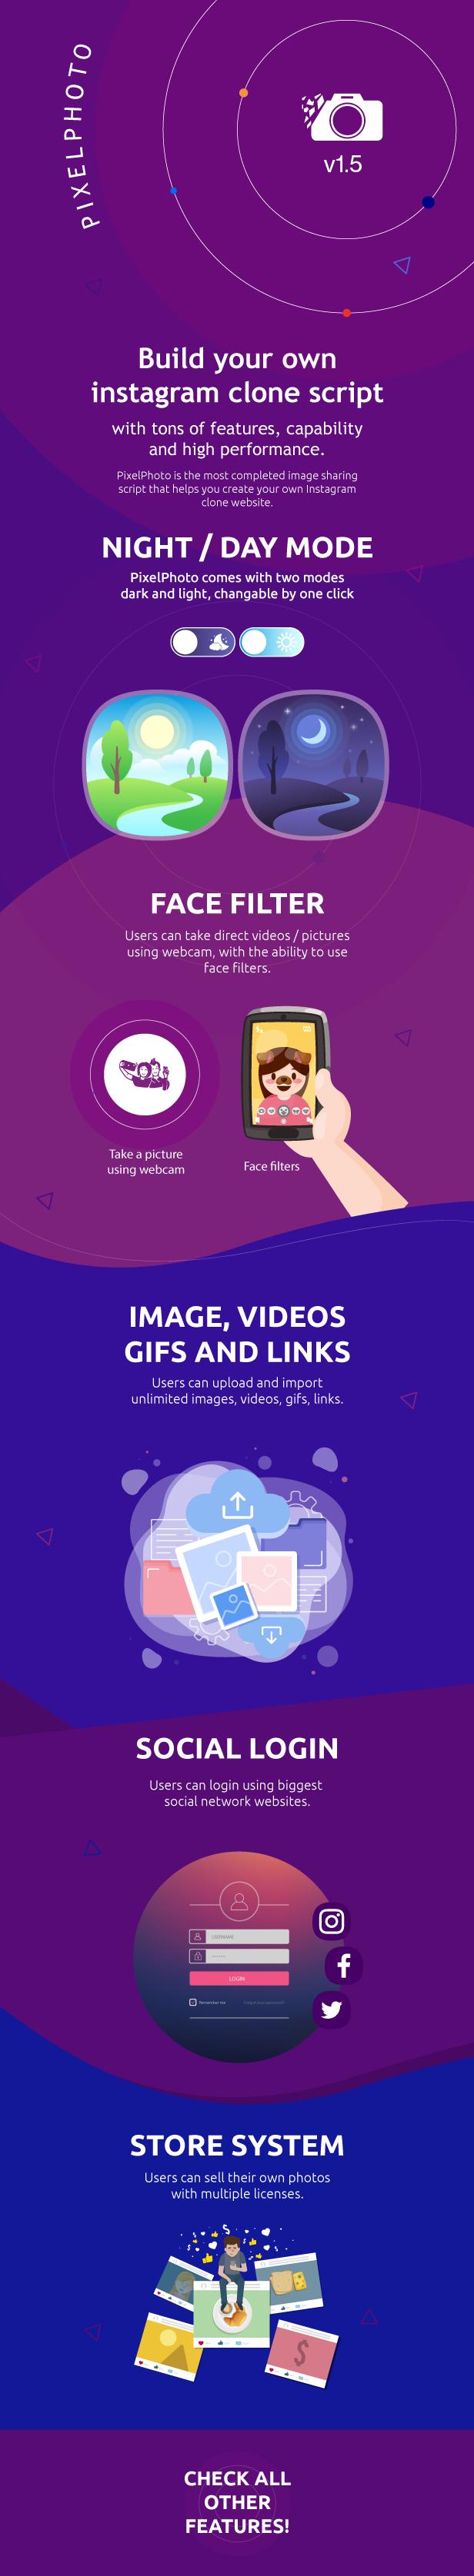 PixelPhoto - A melhor plataforma de rede social para compartilhamento de imagens e fotos - 1